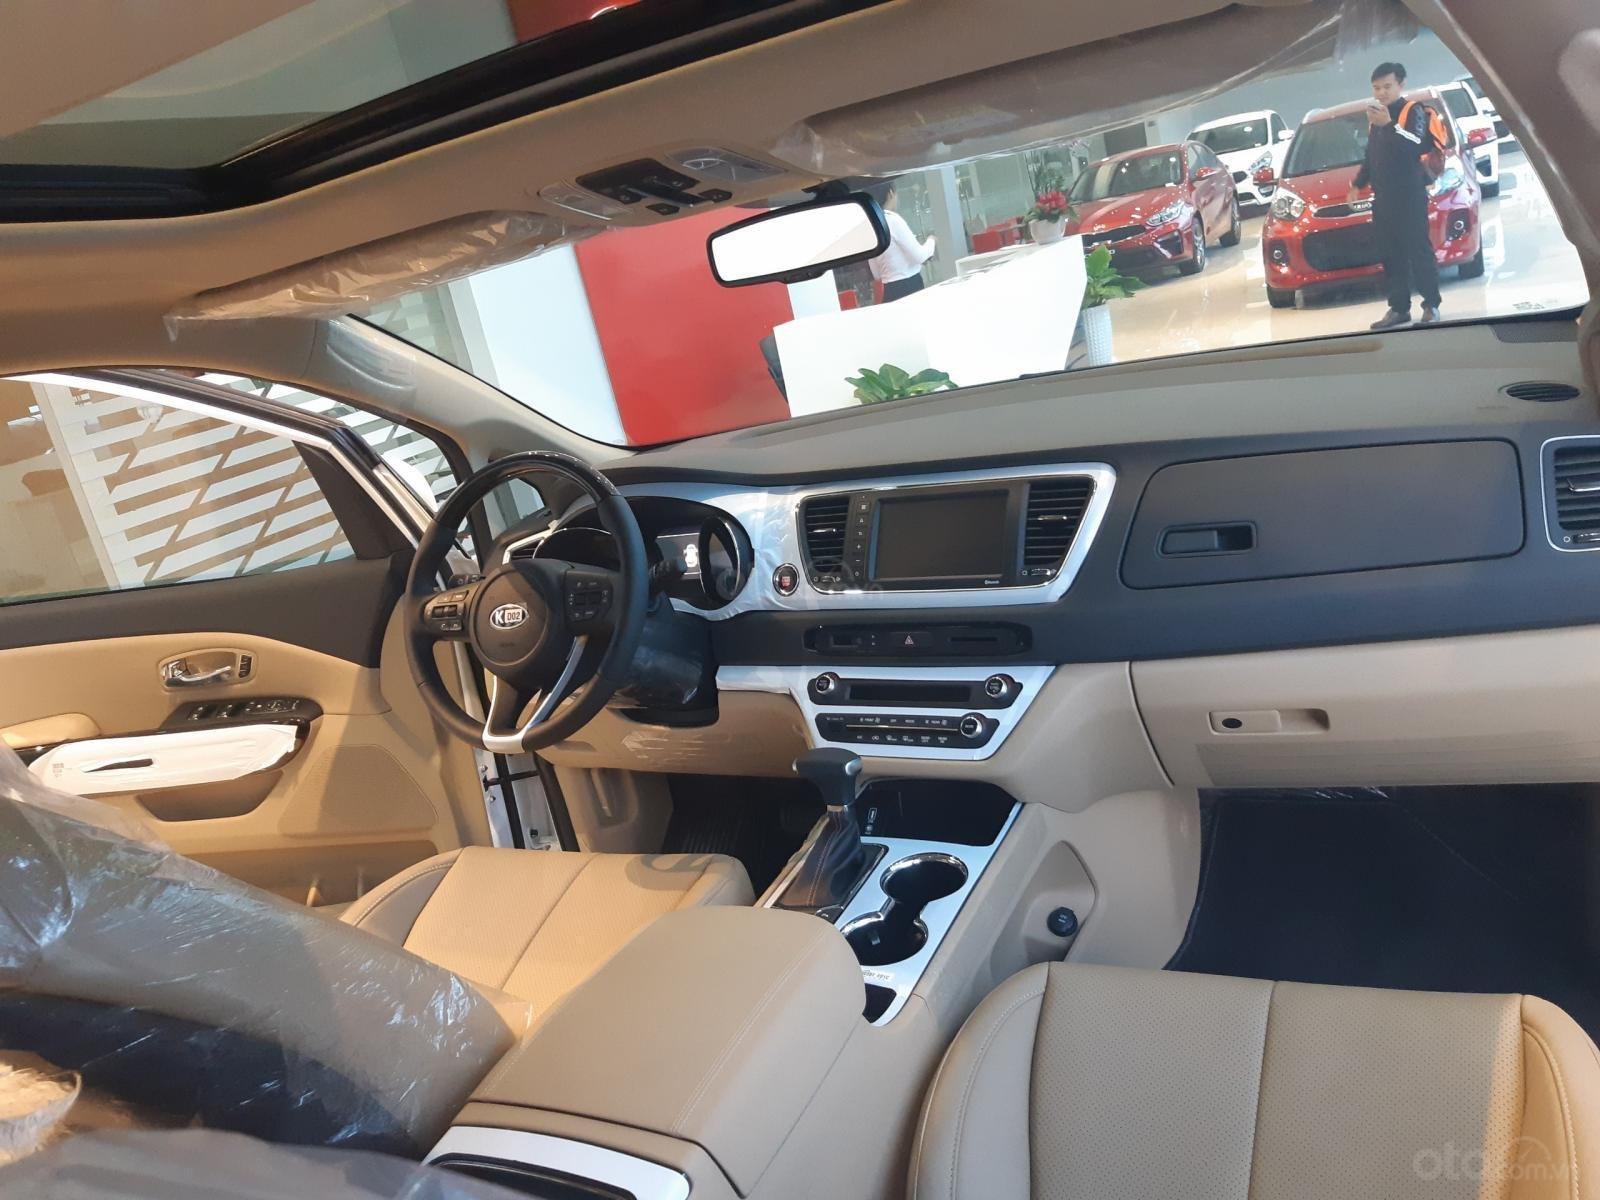 Kia Sedona Luxury - Giảm giá tiền mặt + Tặng bảo hiểm thân vỏ + Tặng camera - Liên hệ PKD Kia Thảo Điền 0961.563.593 (9)